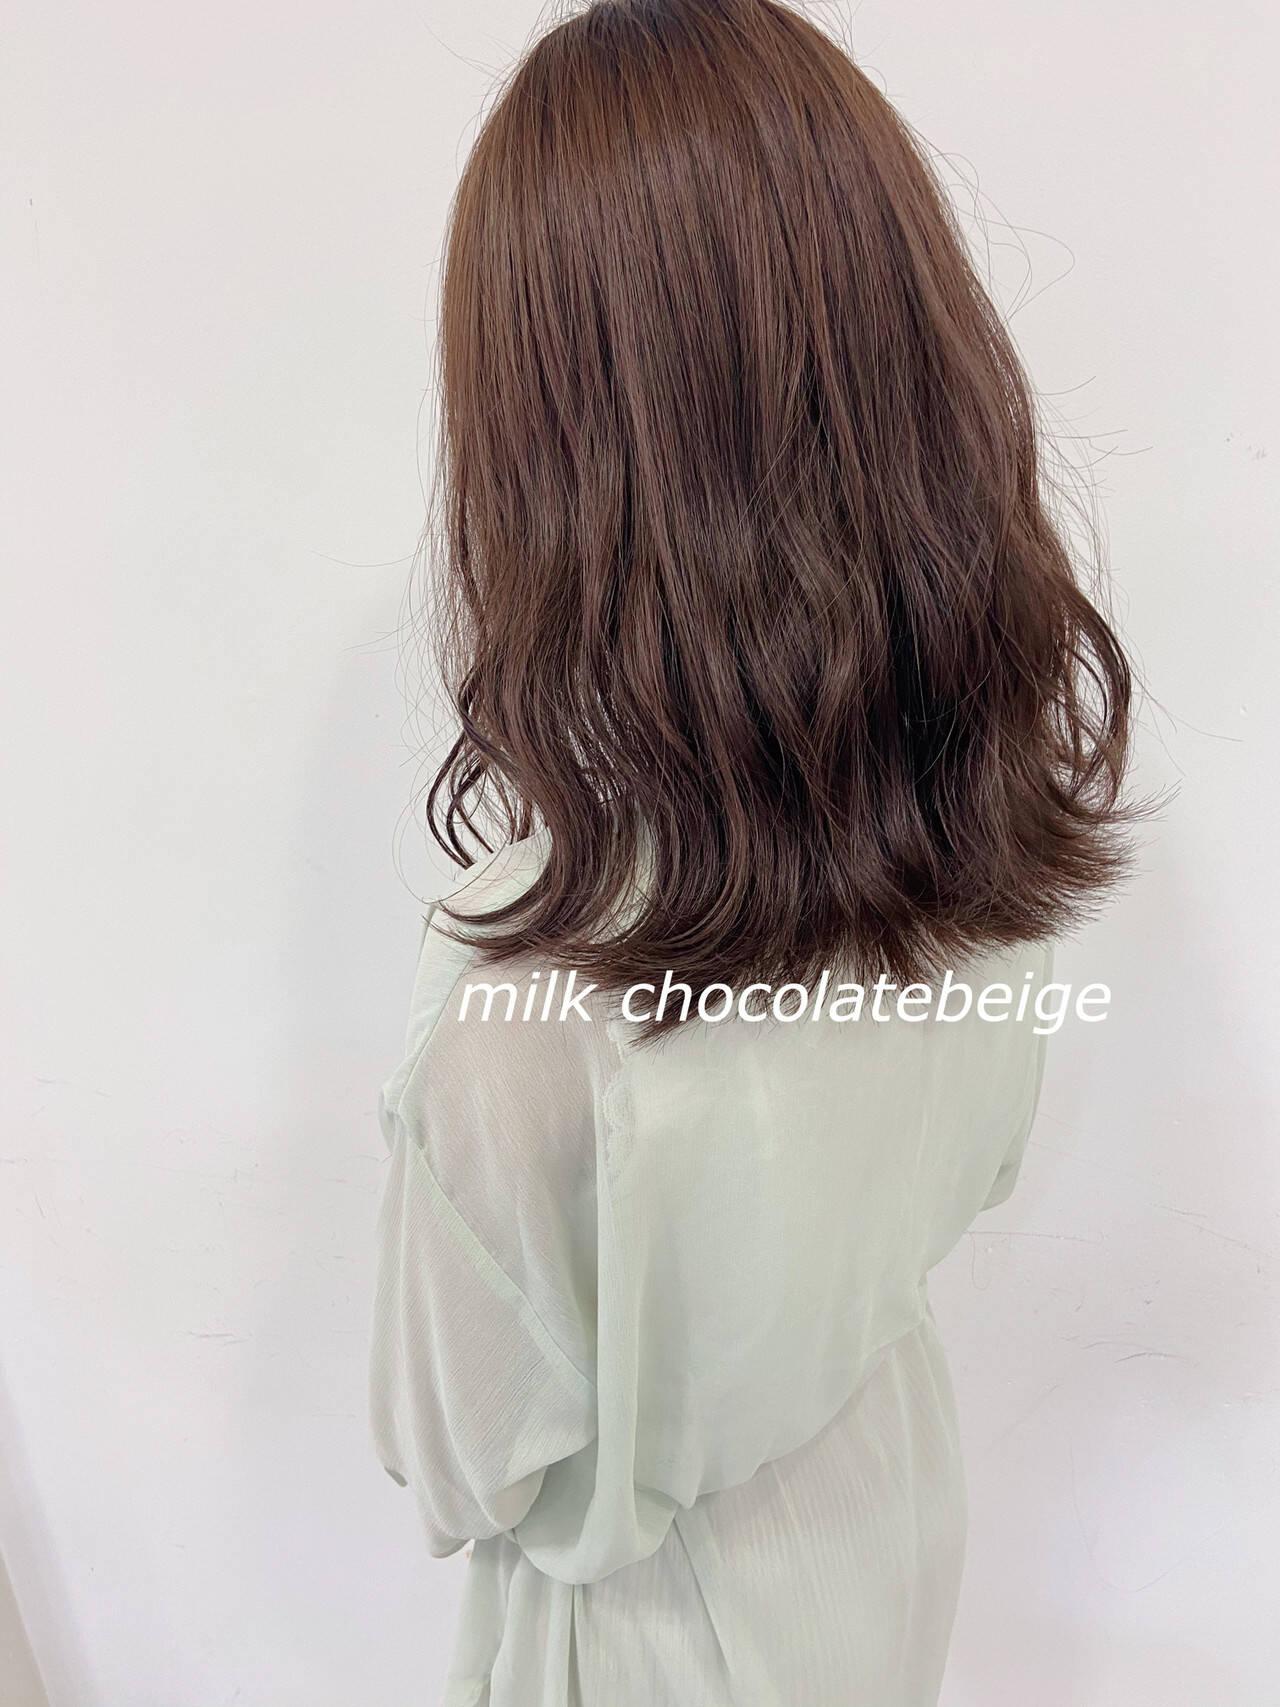 波ウェーブ ナチュラル チョコレート ミディアムヘアスタイルや髪型の写真・画像